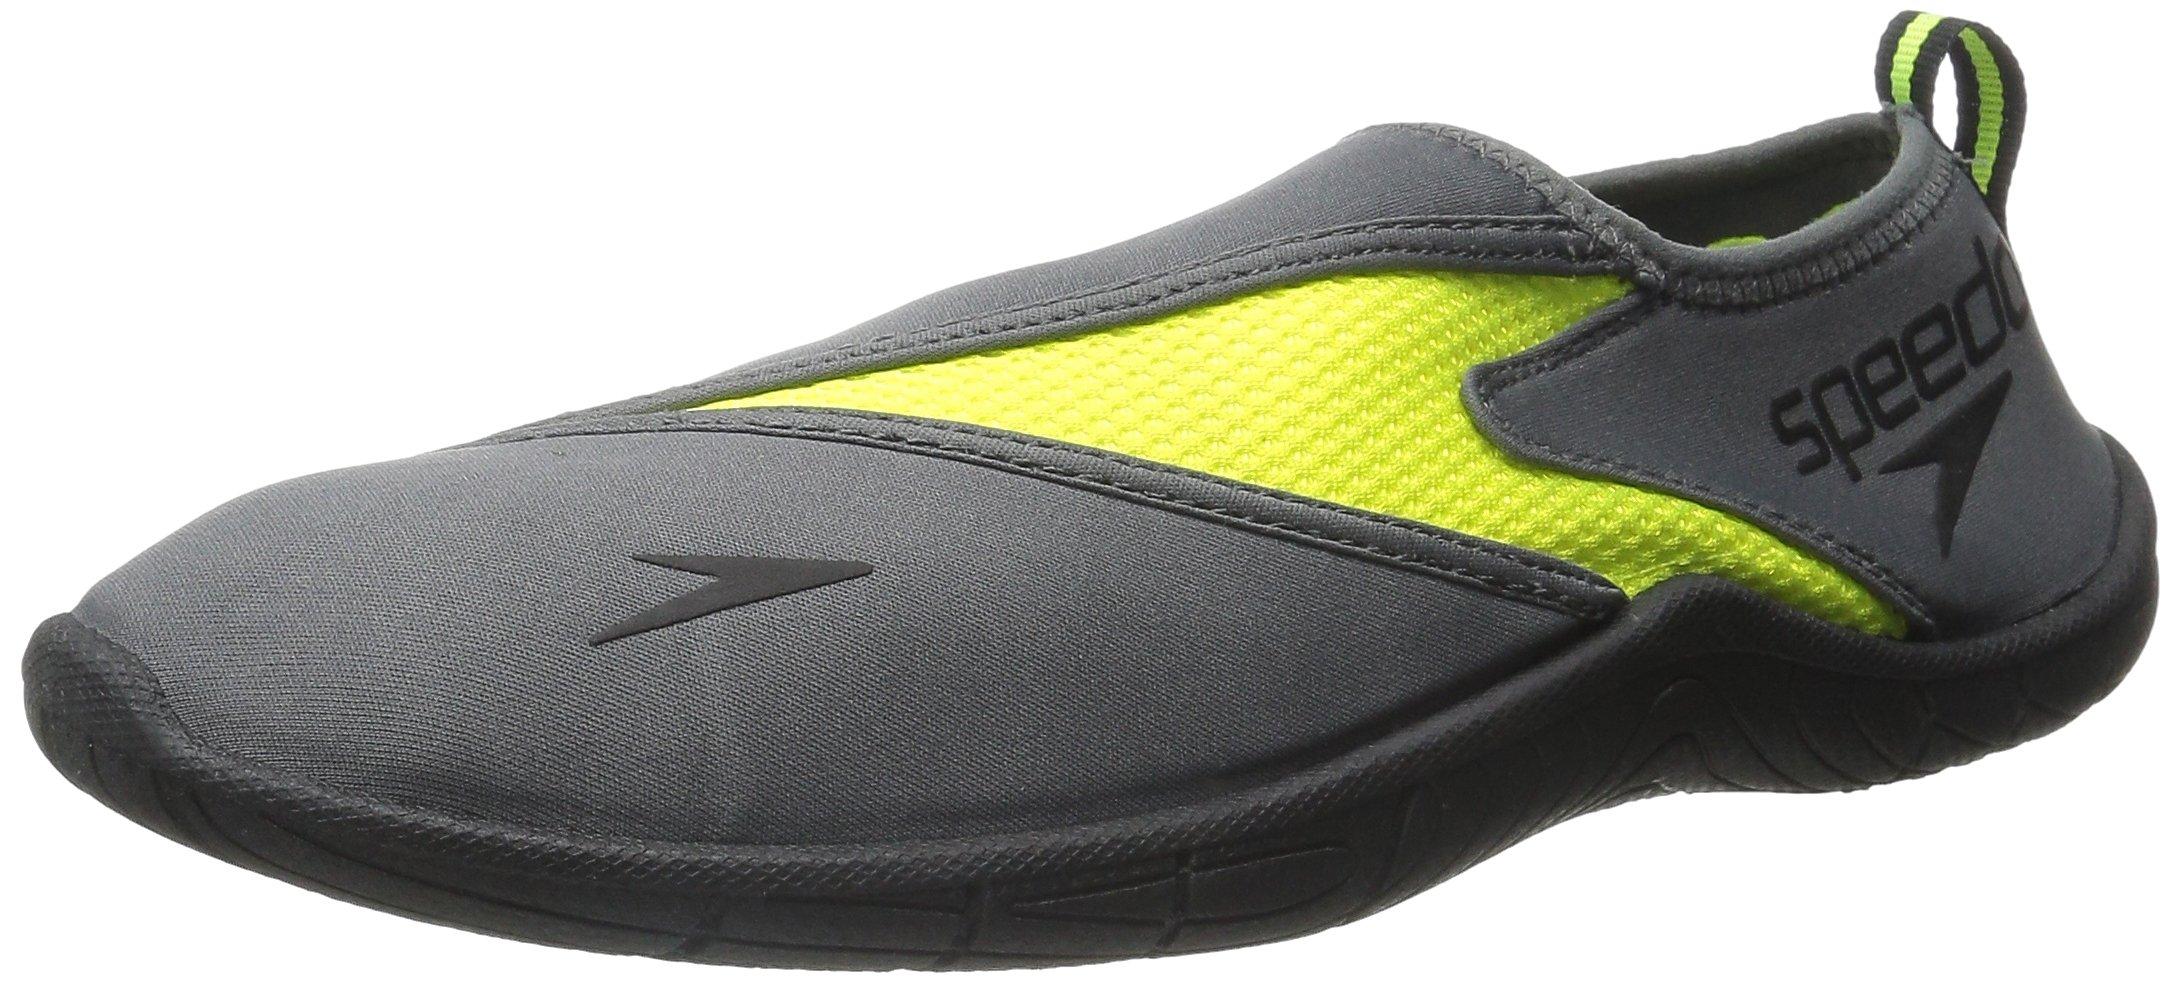 Speedo Men's Surfwalker 3.0 Water Shoe, Grey/Yellow, 10 M US